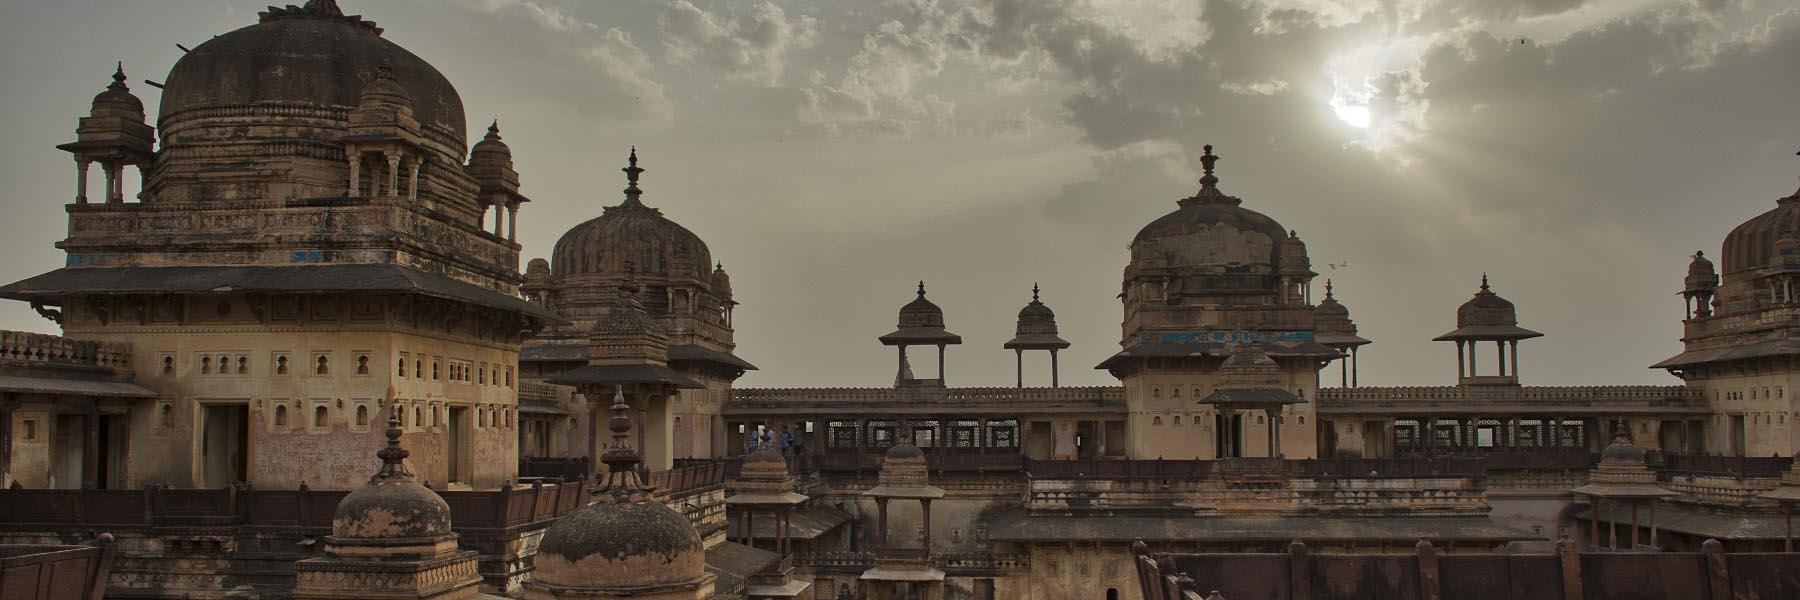 North India and Mumbai